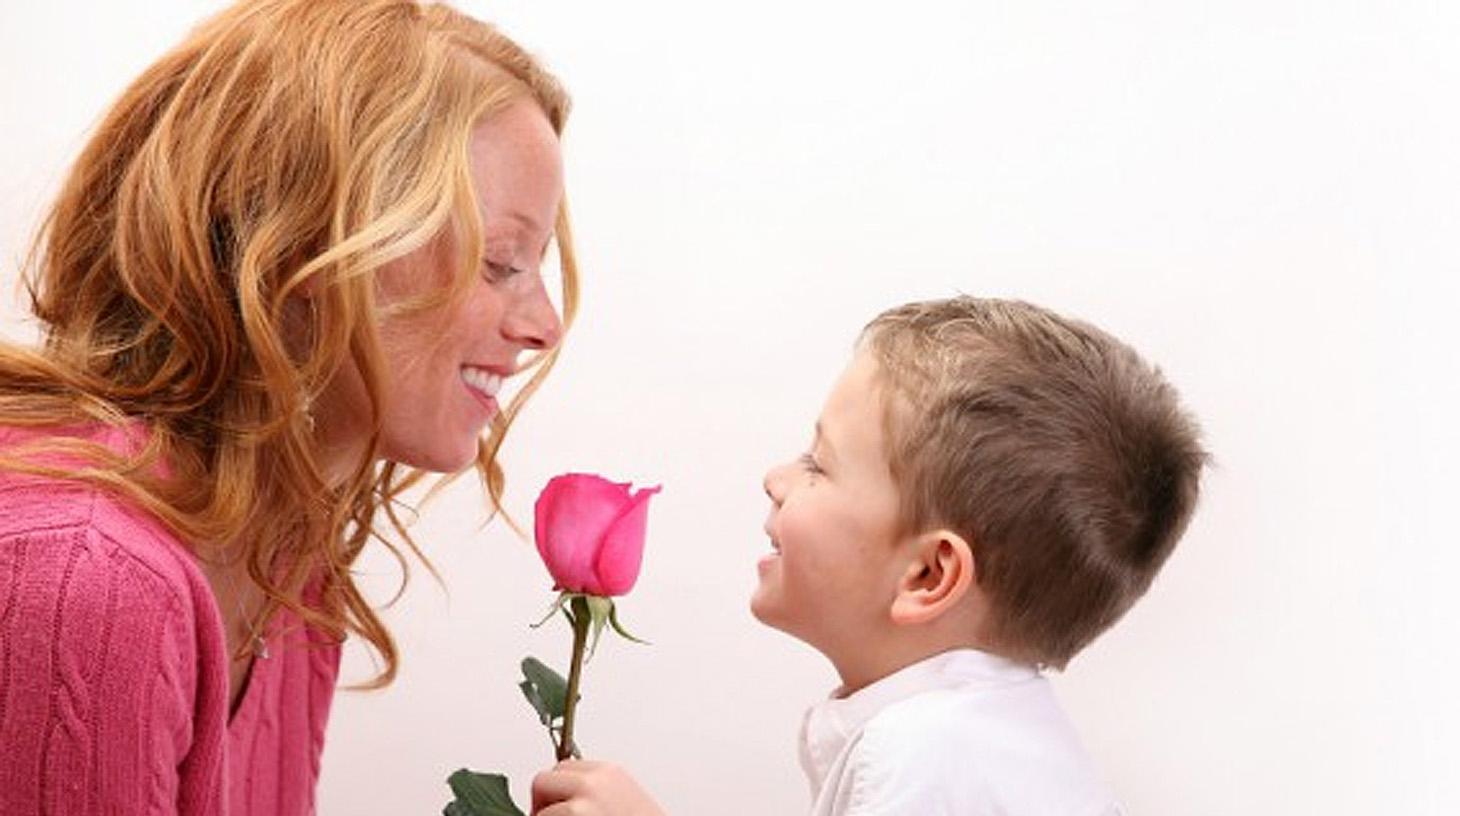 Сын помогает маме 6 фотография